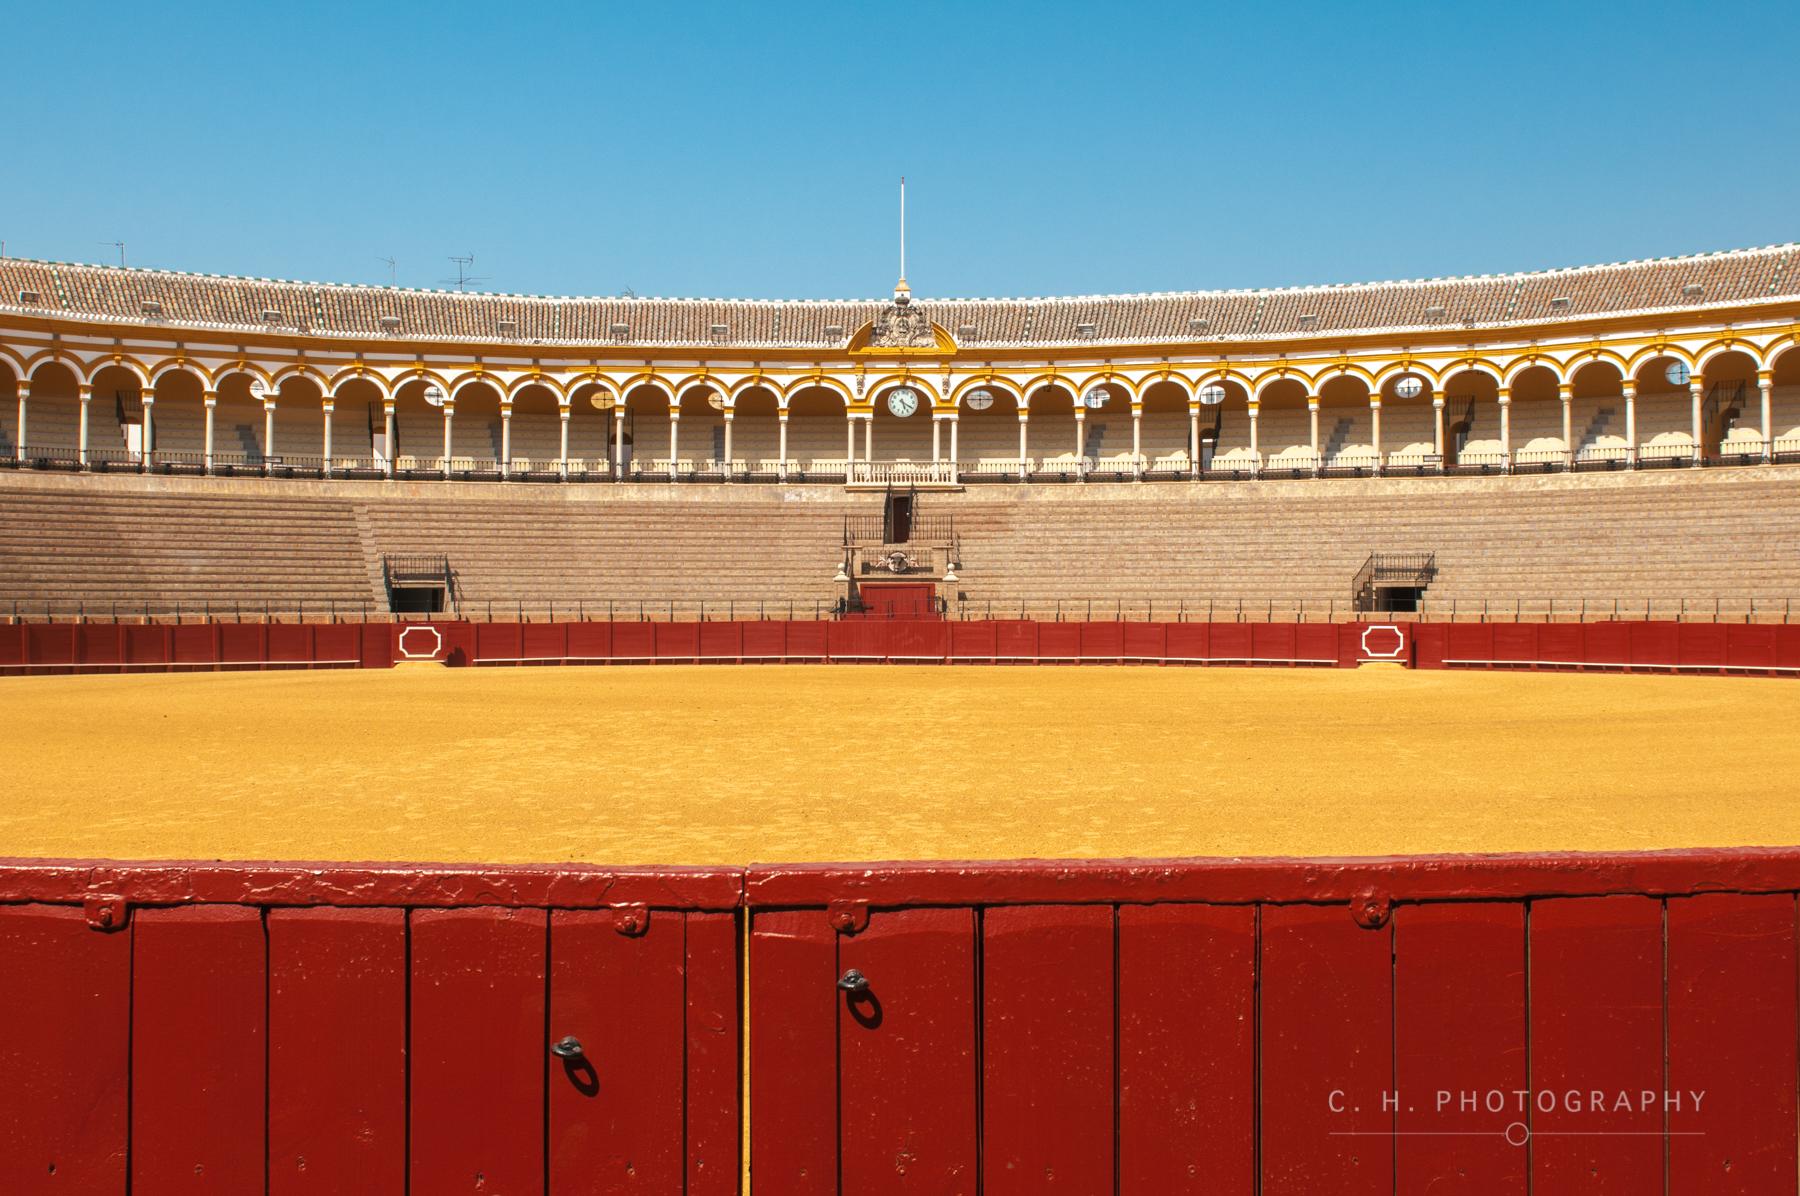 The Plaza de Toros